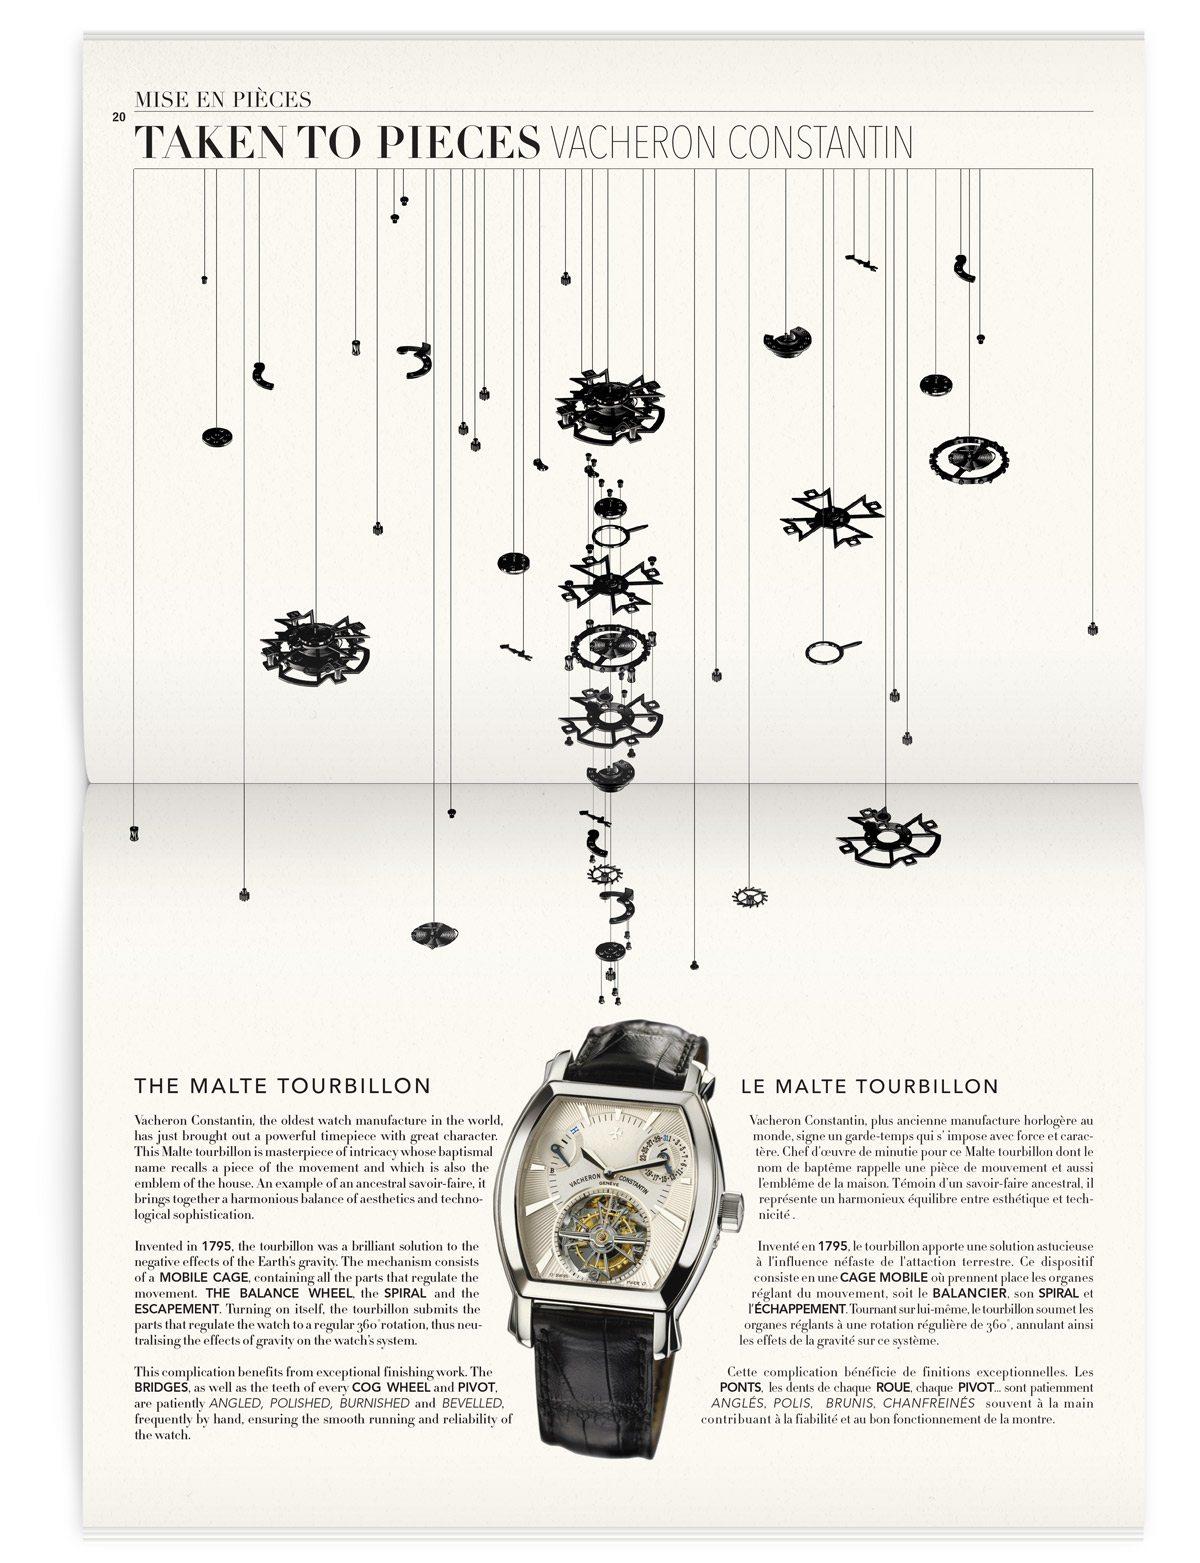 La page mise en pièce, la montre est mise en pièce de manière graphique, magazine Iconofly, revue d'art autour d'un accessoire unique, la montre, design IchetKar